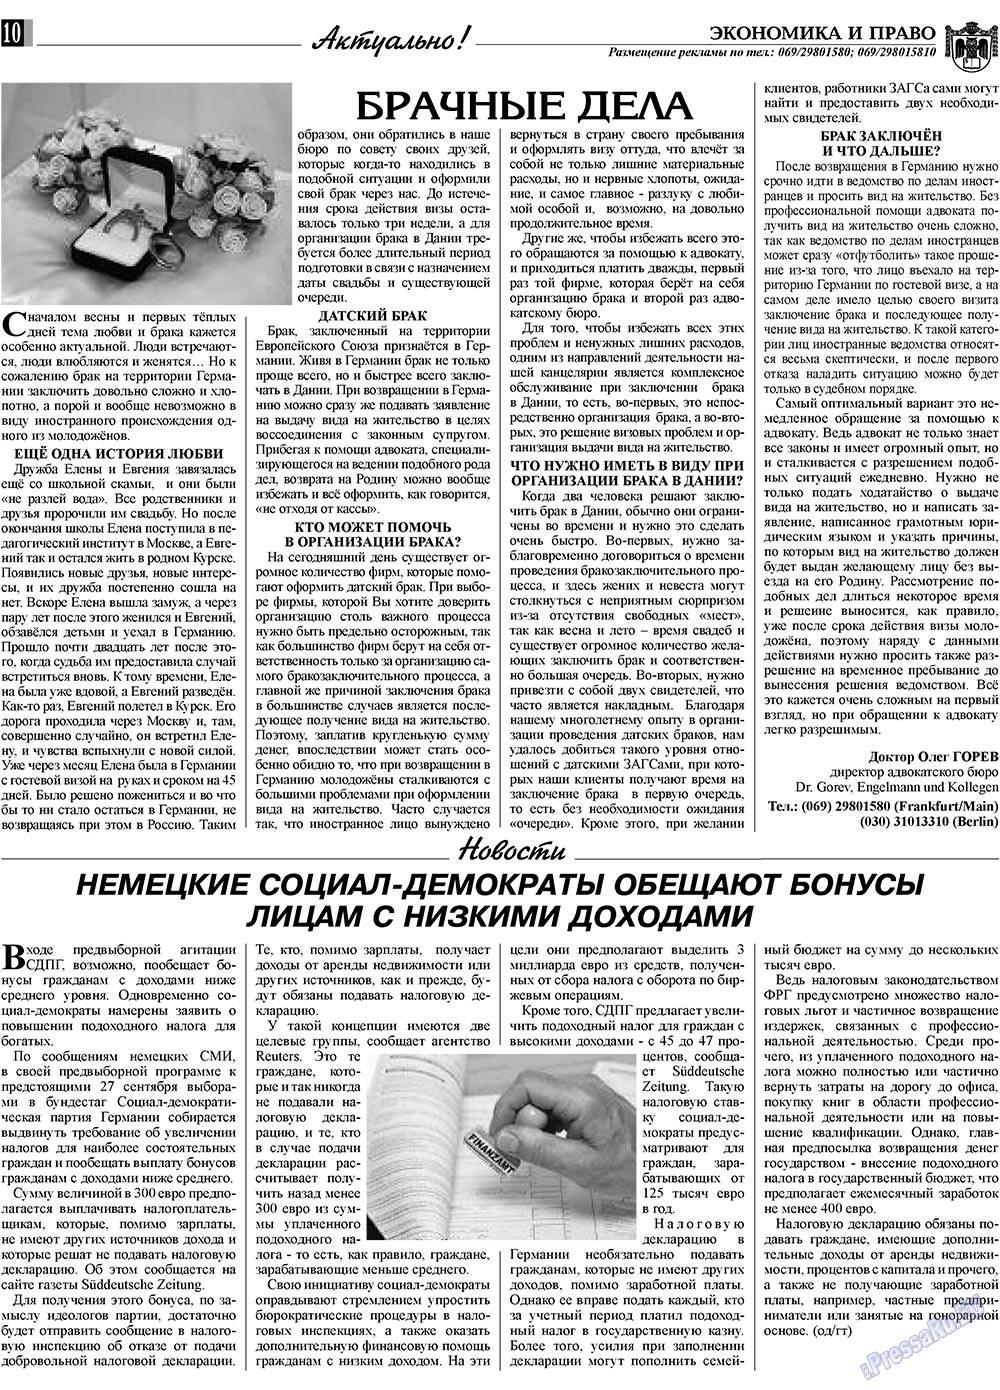 Экономика и право (газета). 2009 год, номер 5, стр. 10